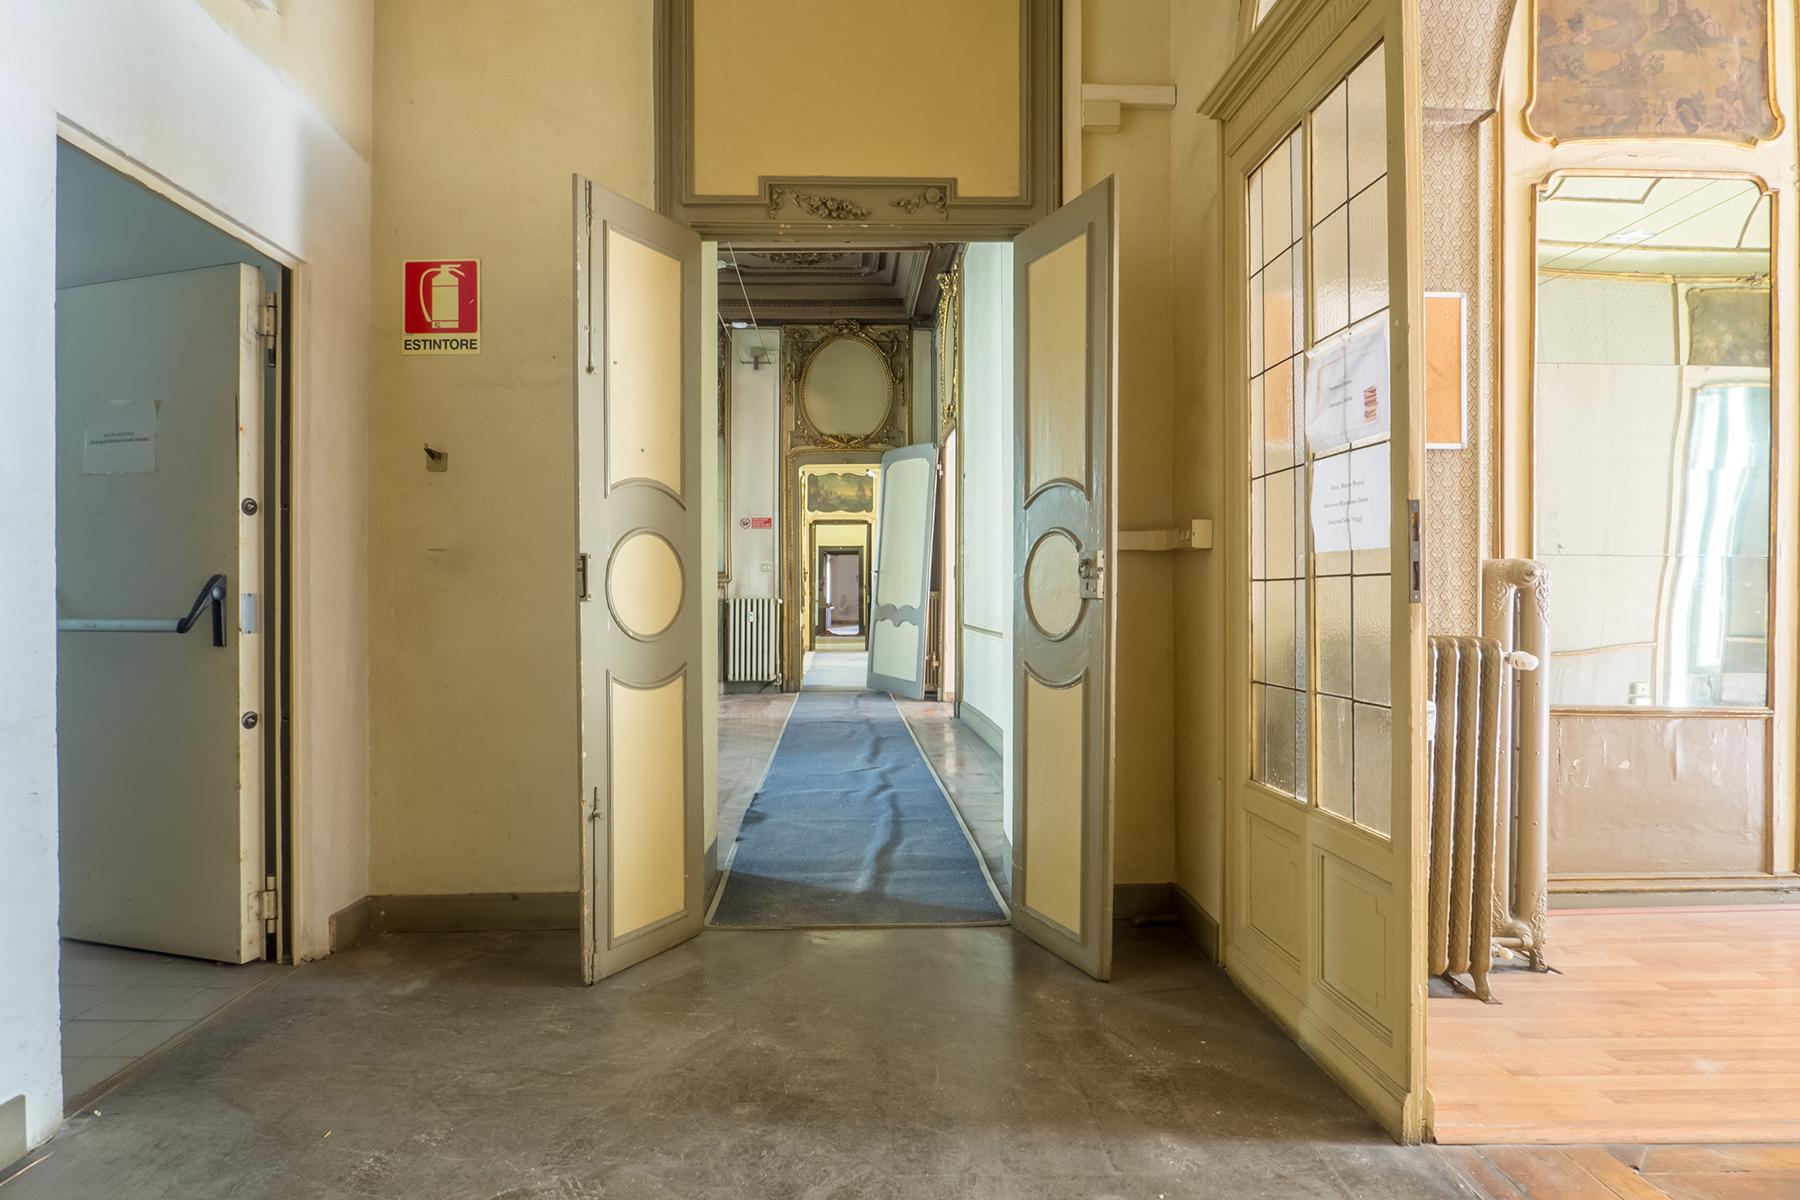 Ufficio-studio in Affitto a Torino: 5 locali, 337 mq - Foto 15